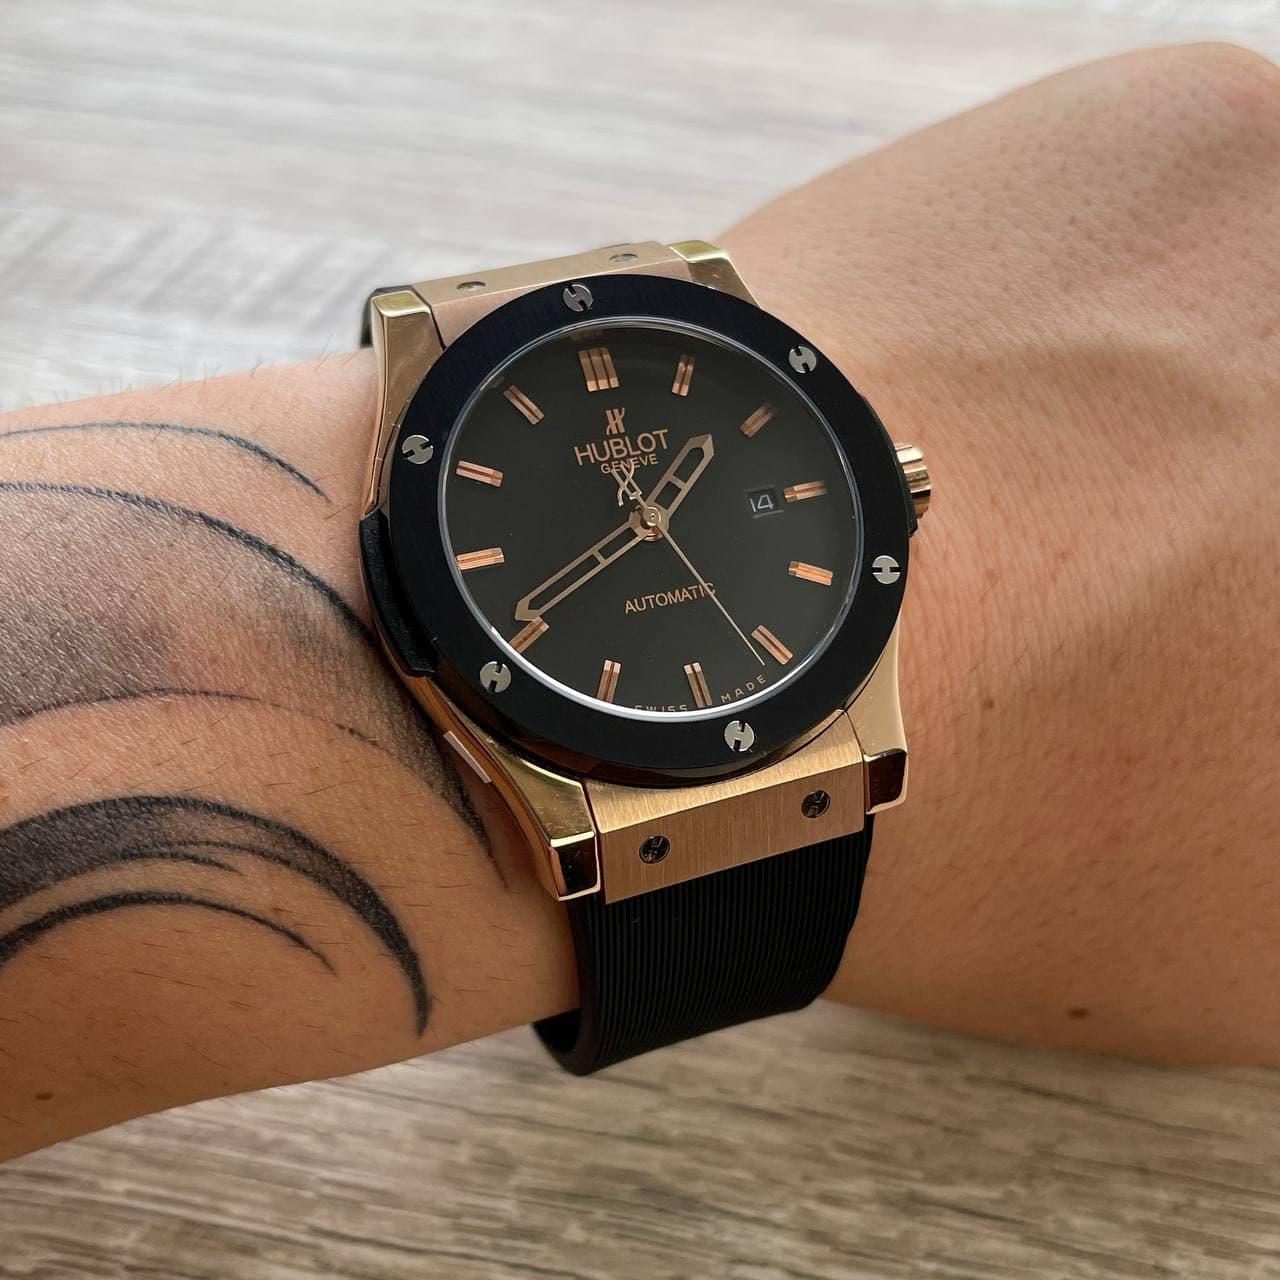 Годинники наручні H u b l o t 5826 Classic Fusion Automatic Black-Gold-Black-Black